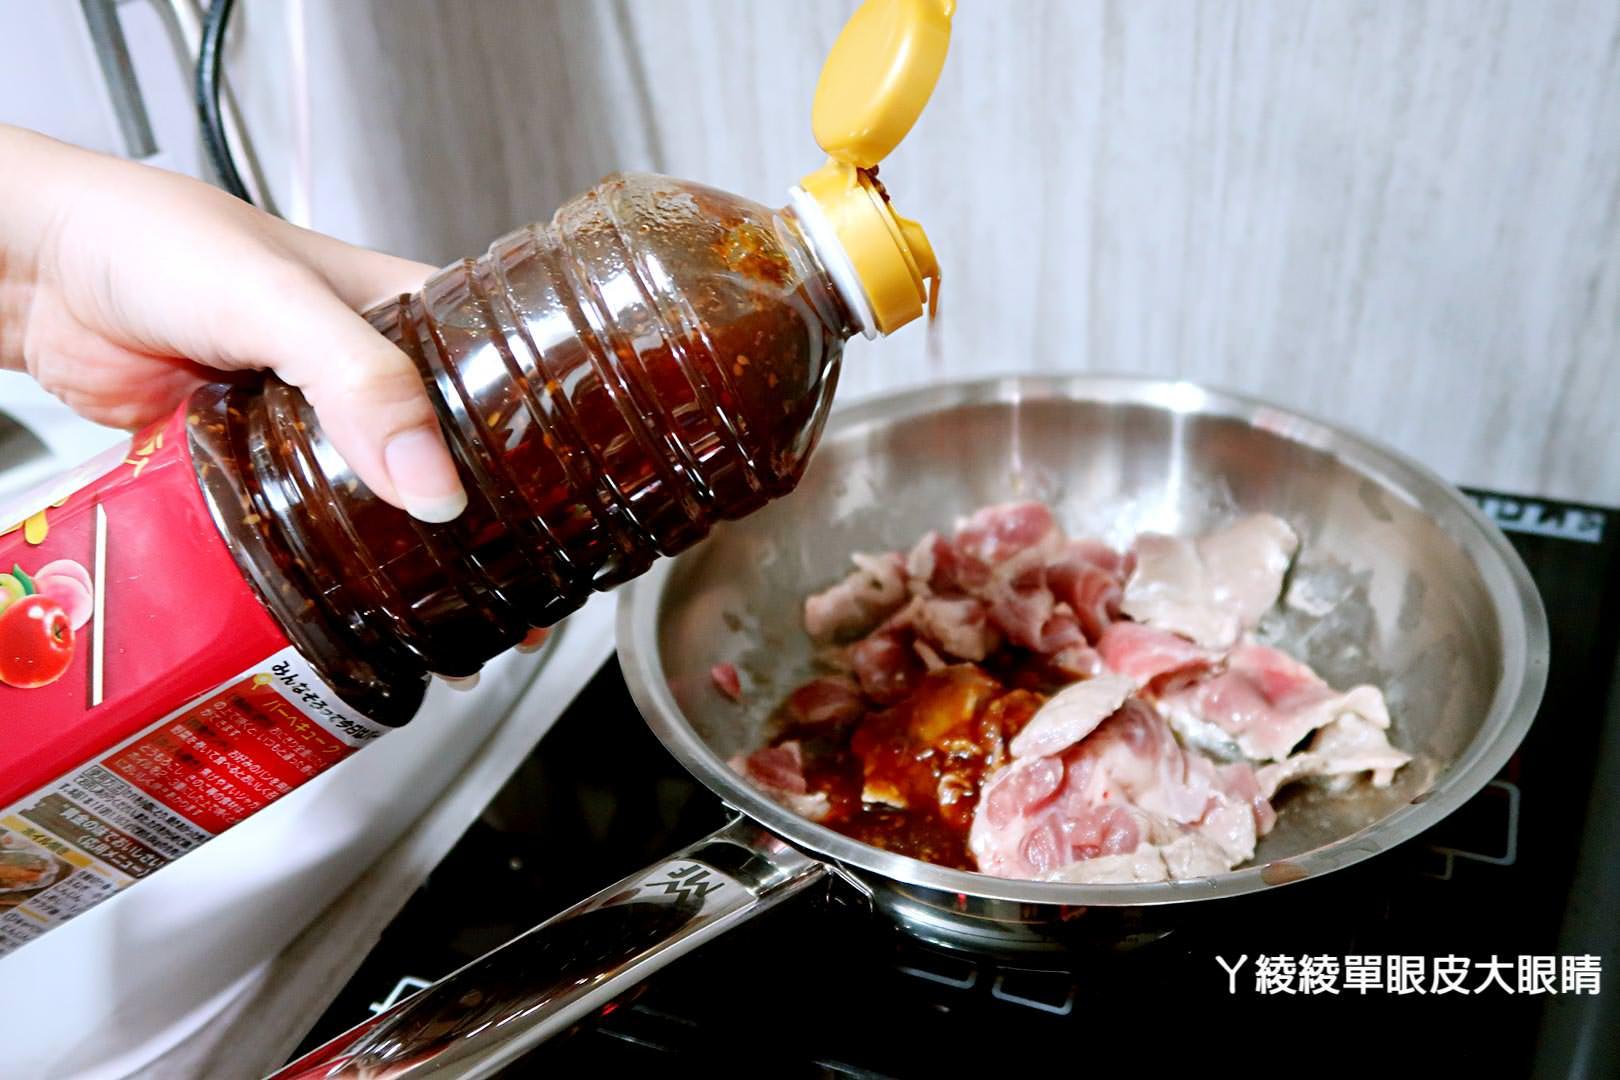 廚房必備料理神器!德國WMF不鏽鋼平底鍋、日本Ebara黃金燒肉醬